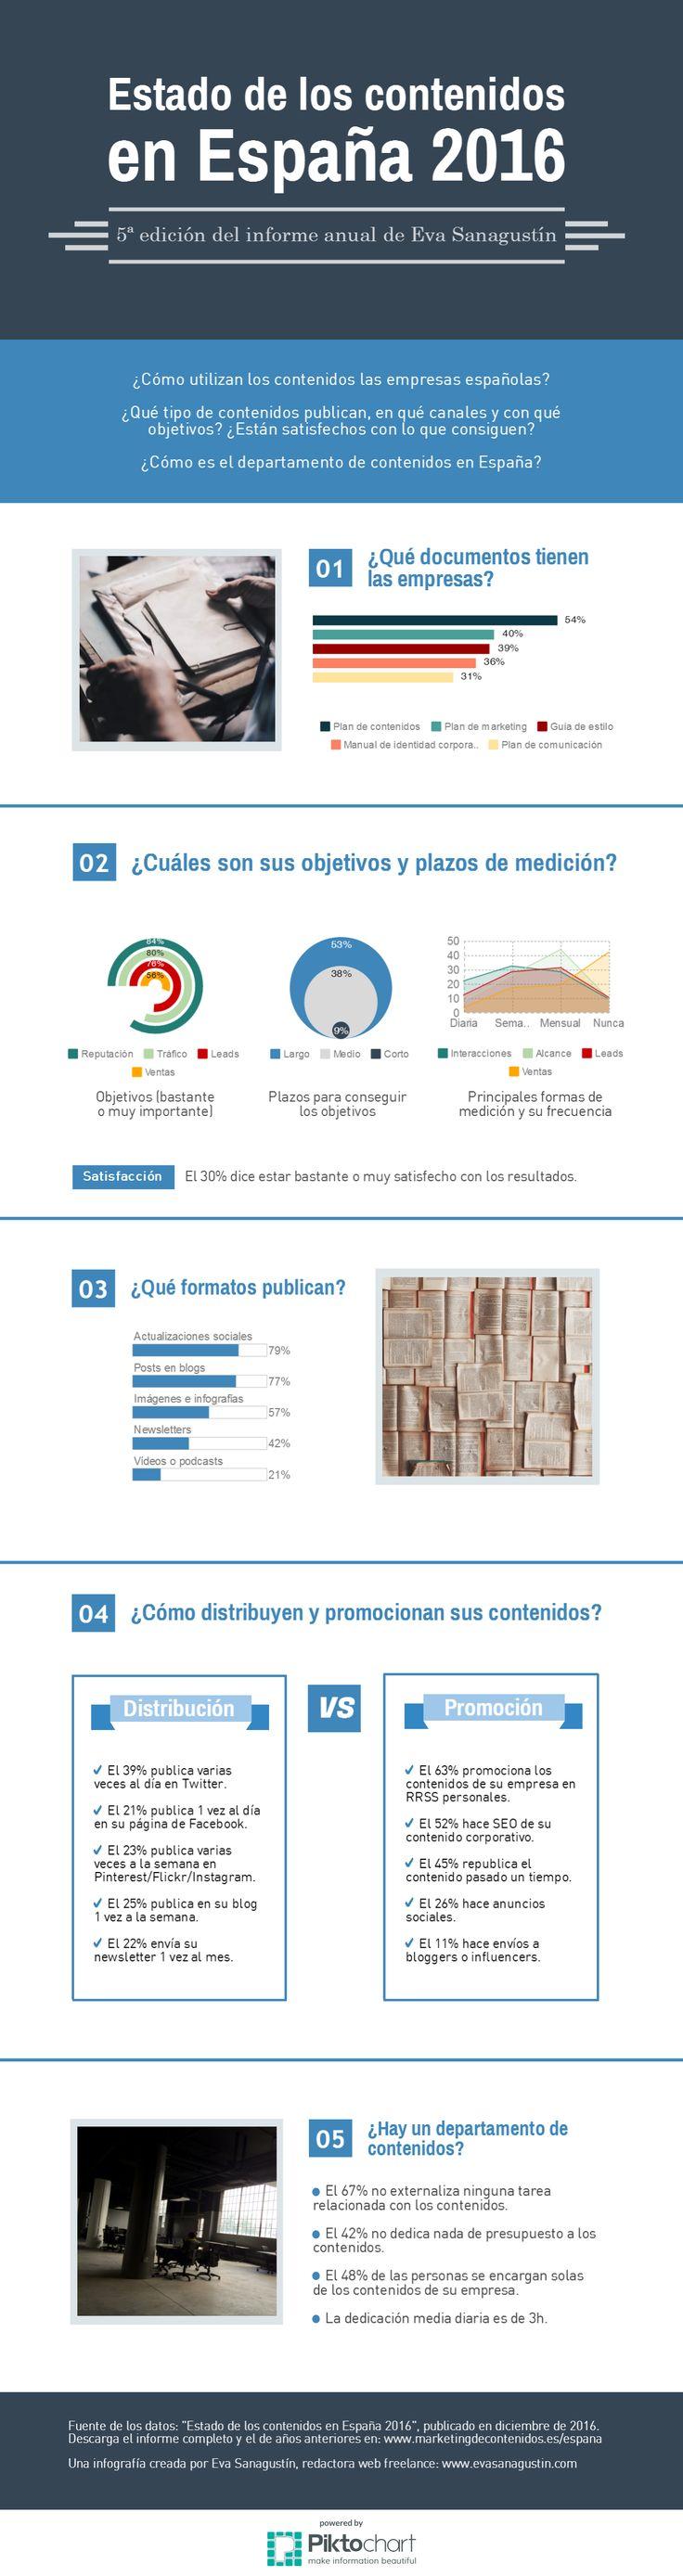 """Infografía resumen del 5º informe anual """"Estado de los contenidos en España 2016"""" diciembre 2016."""